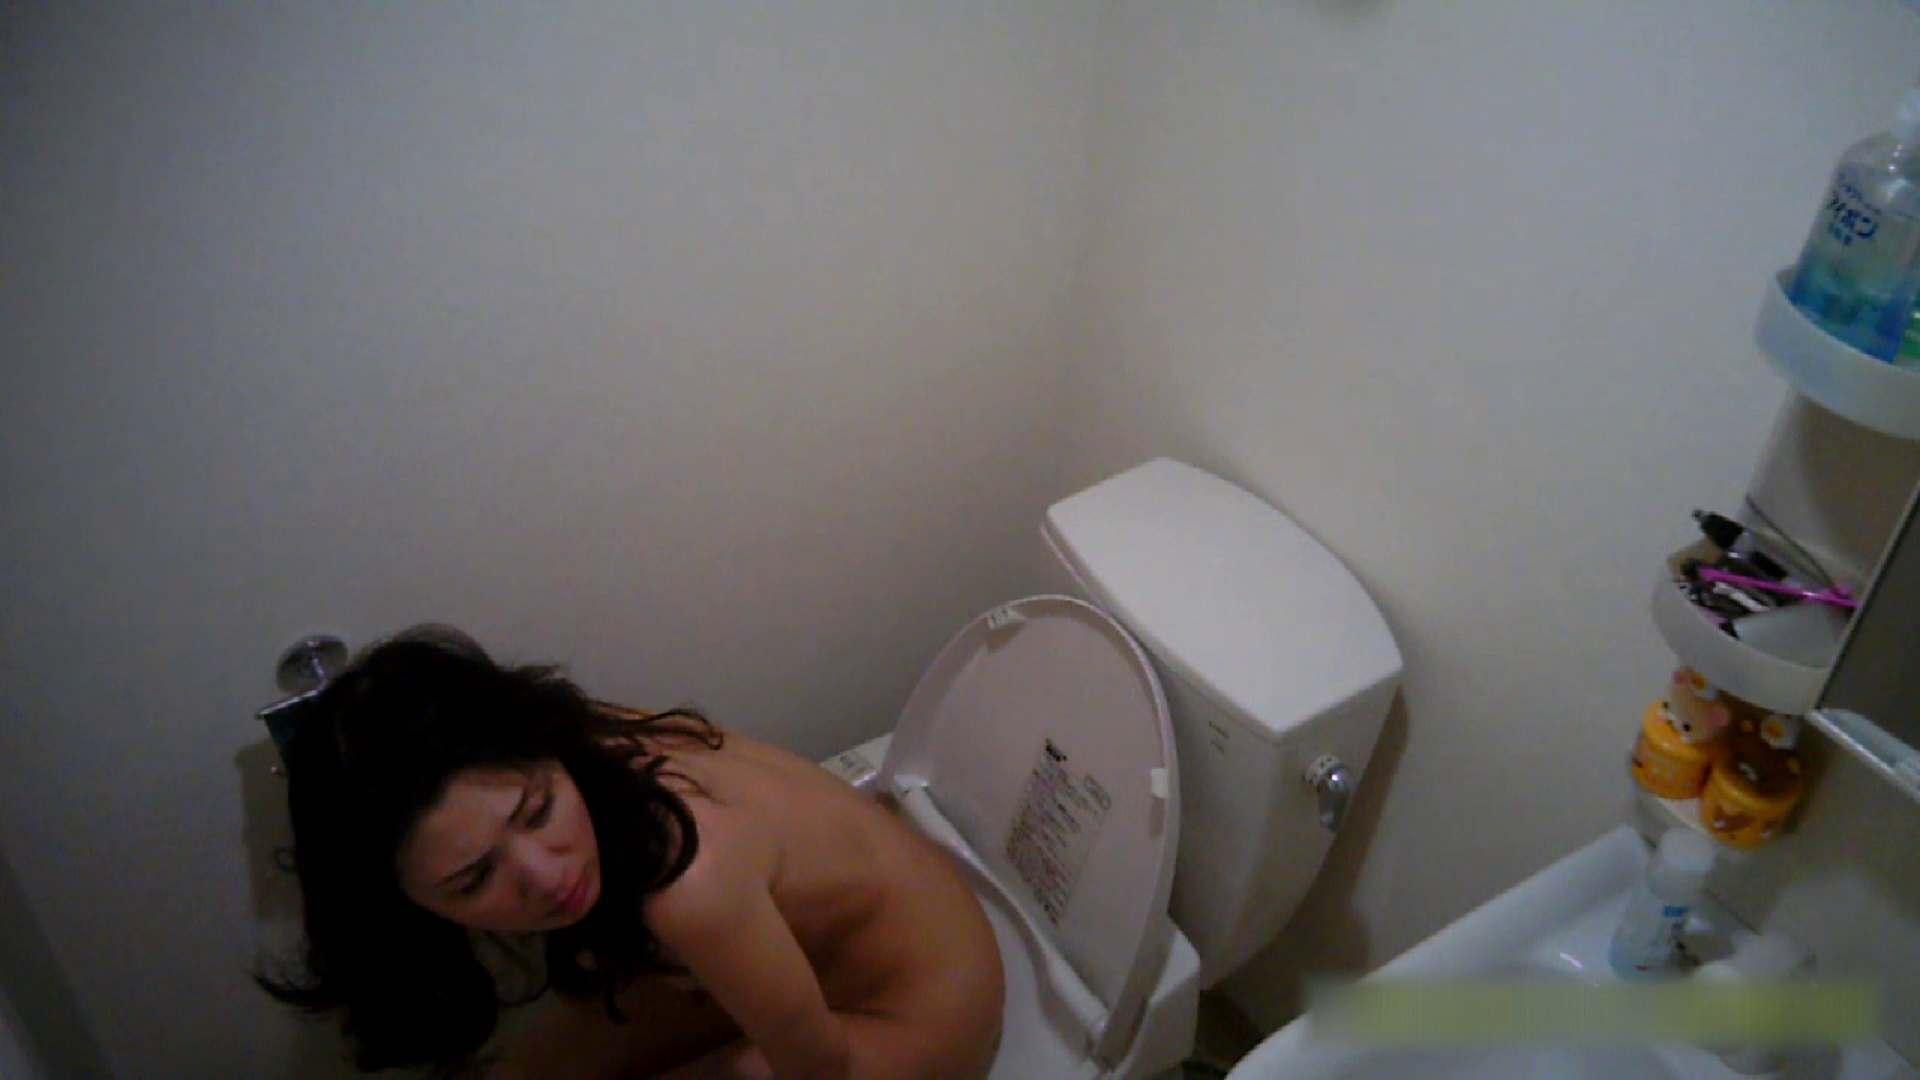 清楚な顔してかなり敏感なE子25歳(仮名)Vol.05 裸でトイレ編 トイレ  60pic 10